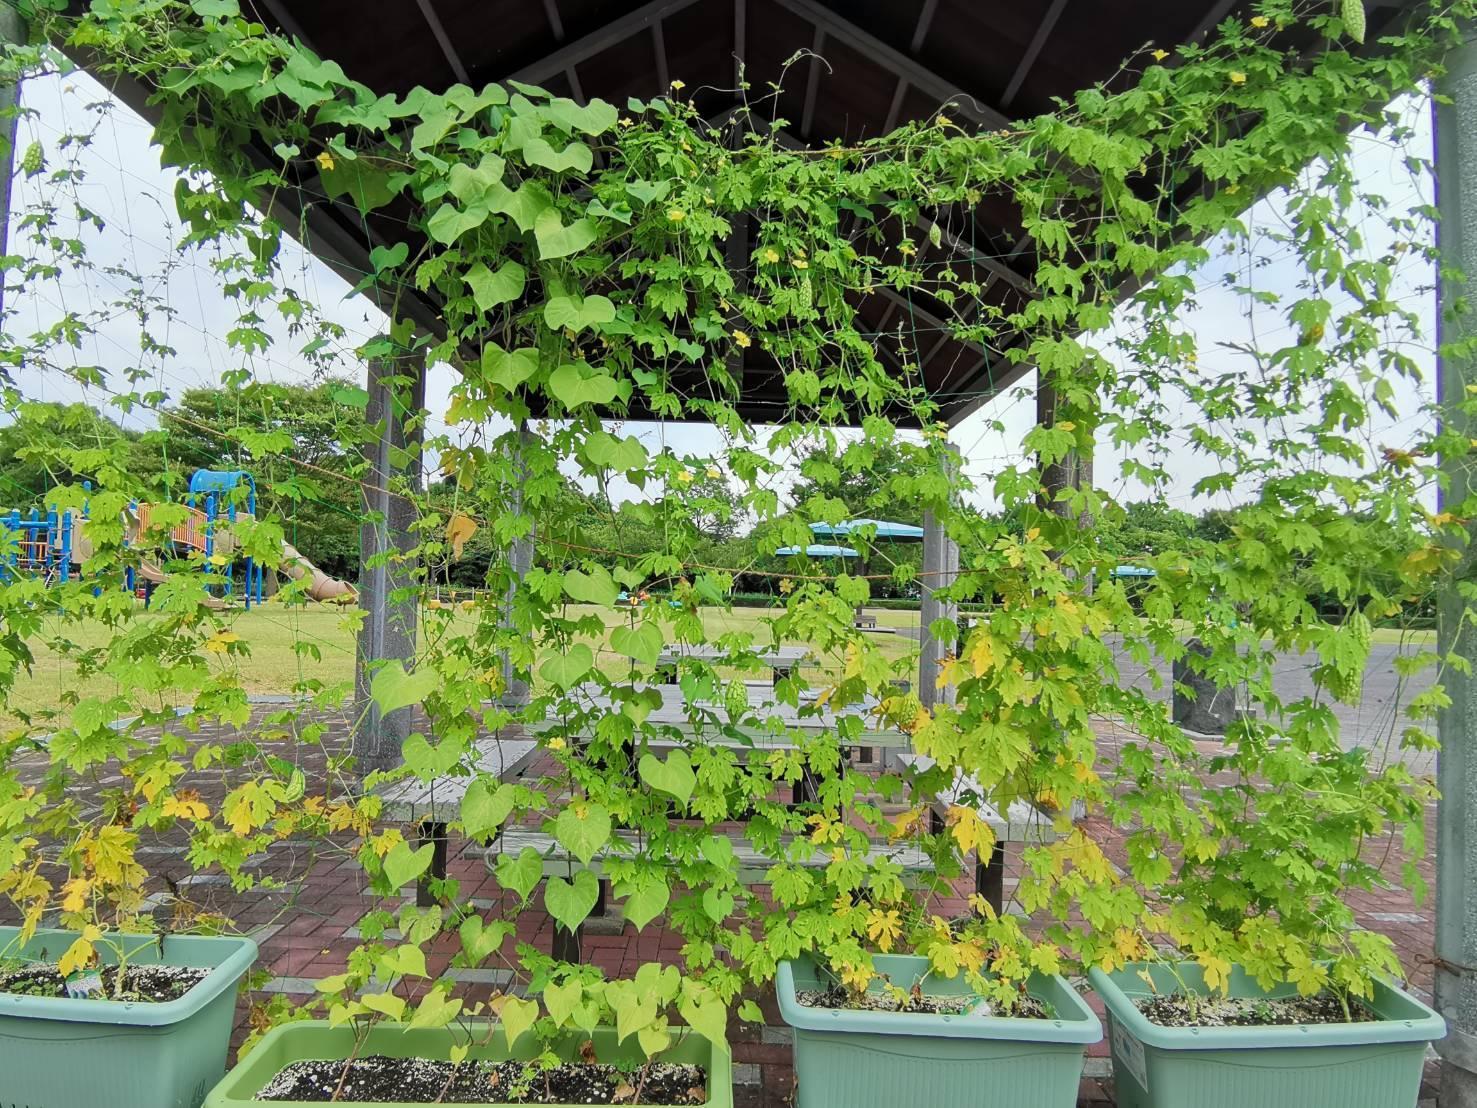 緑のカーテン(ゴーヤ・アサガオ)栽培実験R2.7.23_d0338682_16451196.jpg